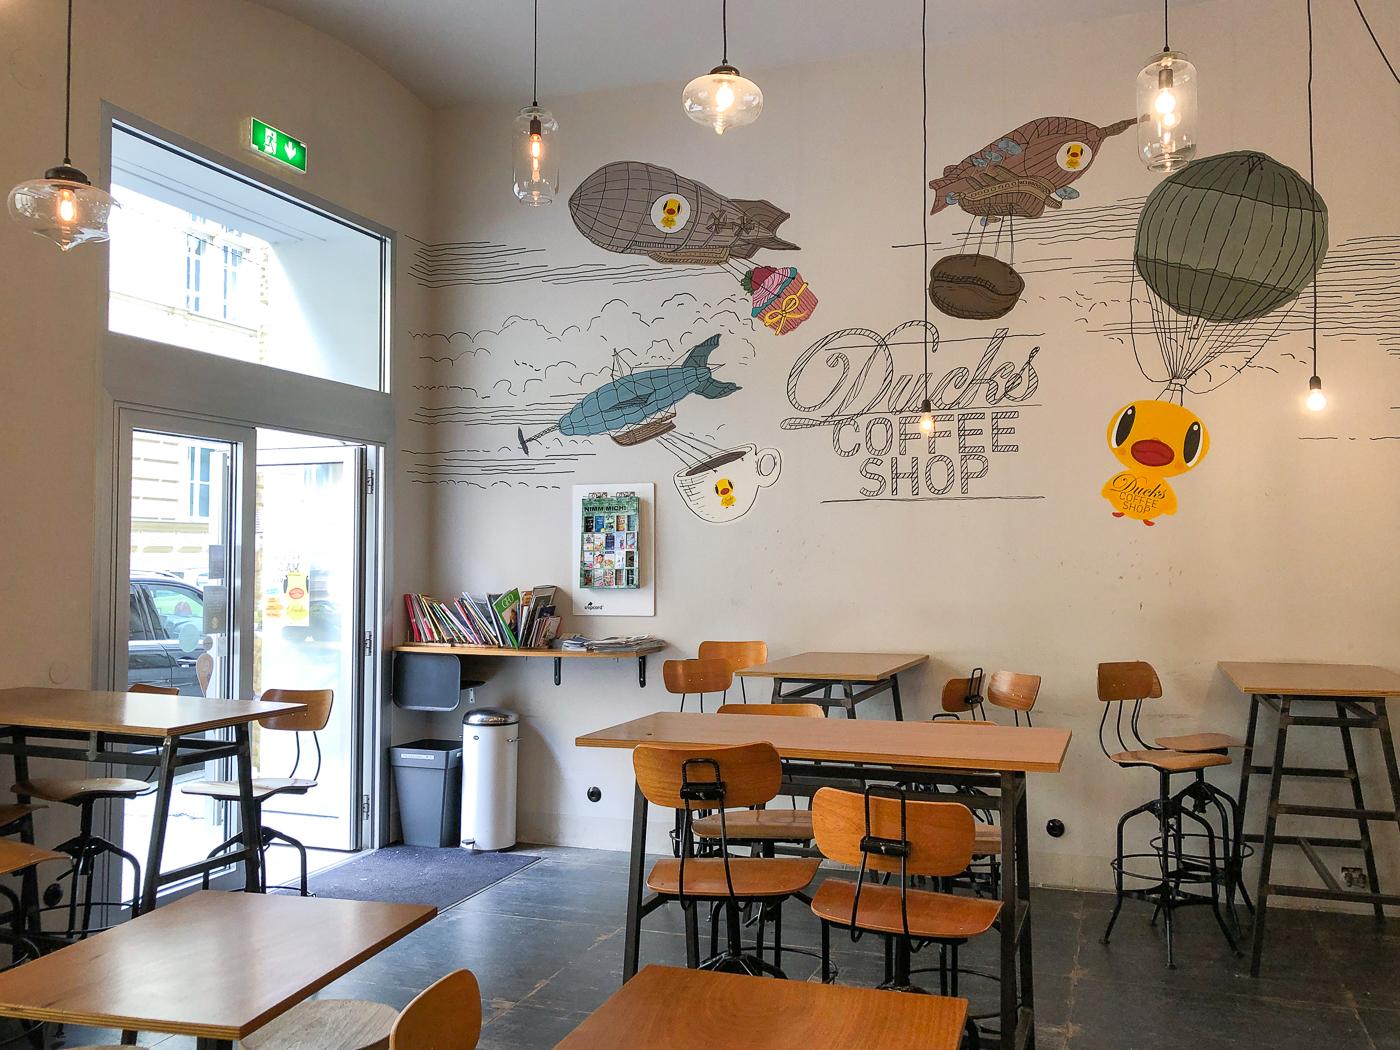 Café Ducks Coffee Shop de Graz